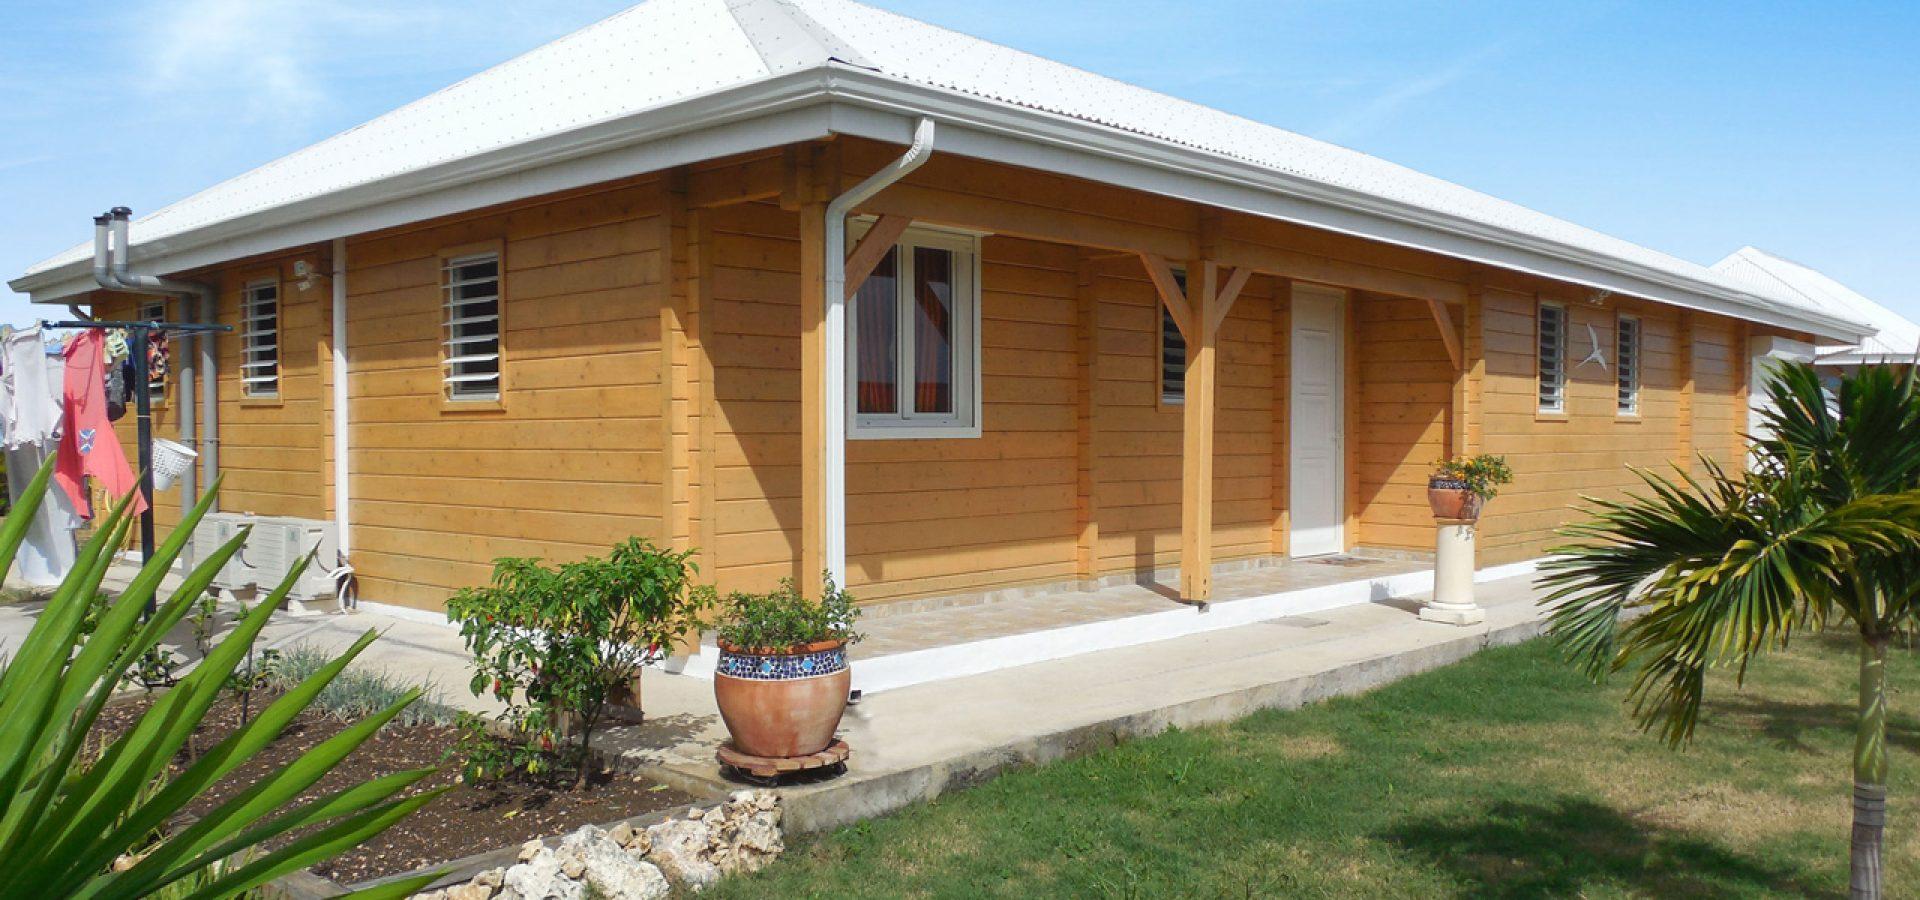 constructeur de maison en bois martinique ventana blog. Black Bedroom Furniture Sets. Home Design Ideas